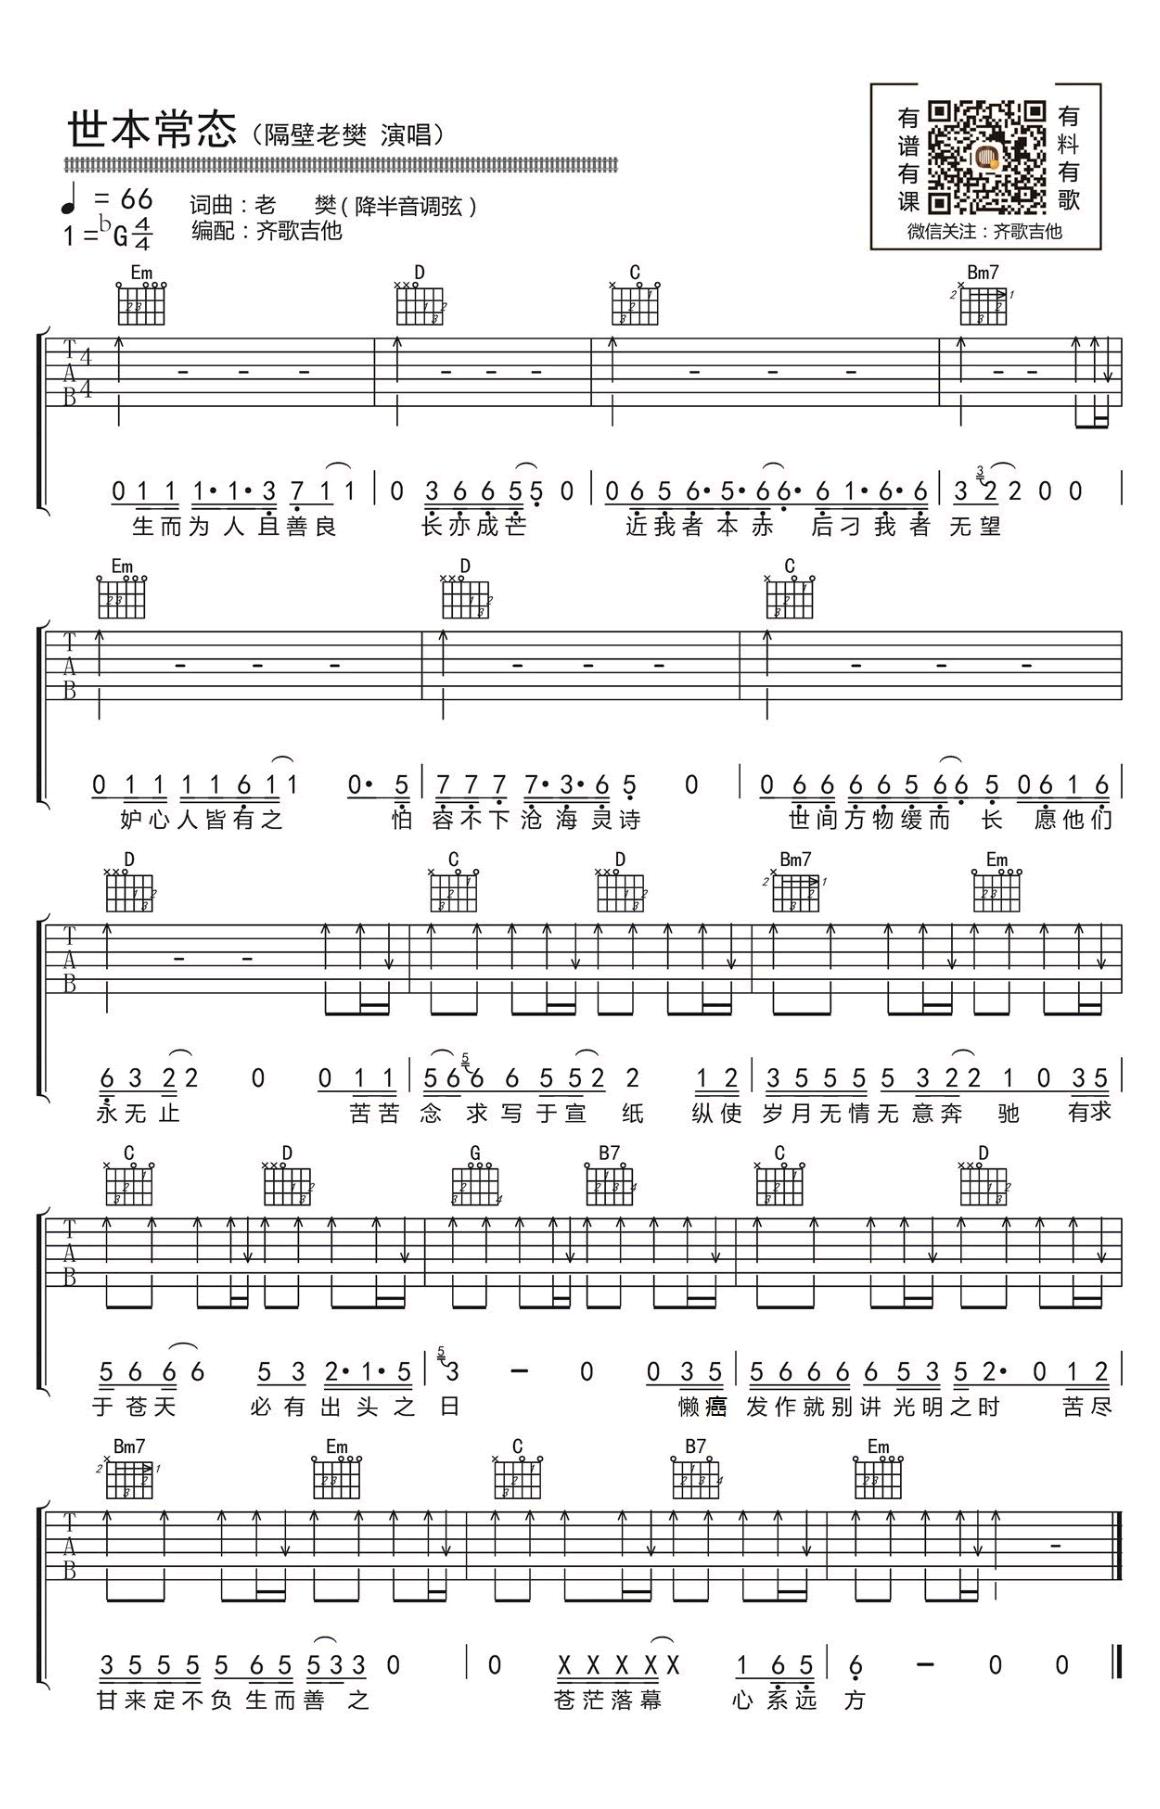 世本常态吉他谱_隔壁老樊_G调弹唱六线谱-C大调音乐网